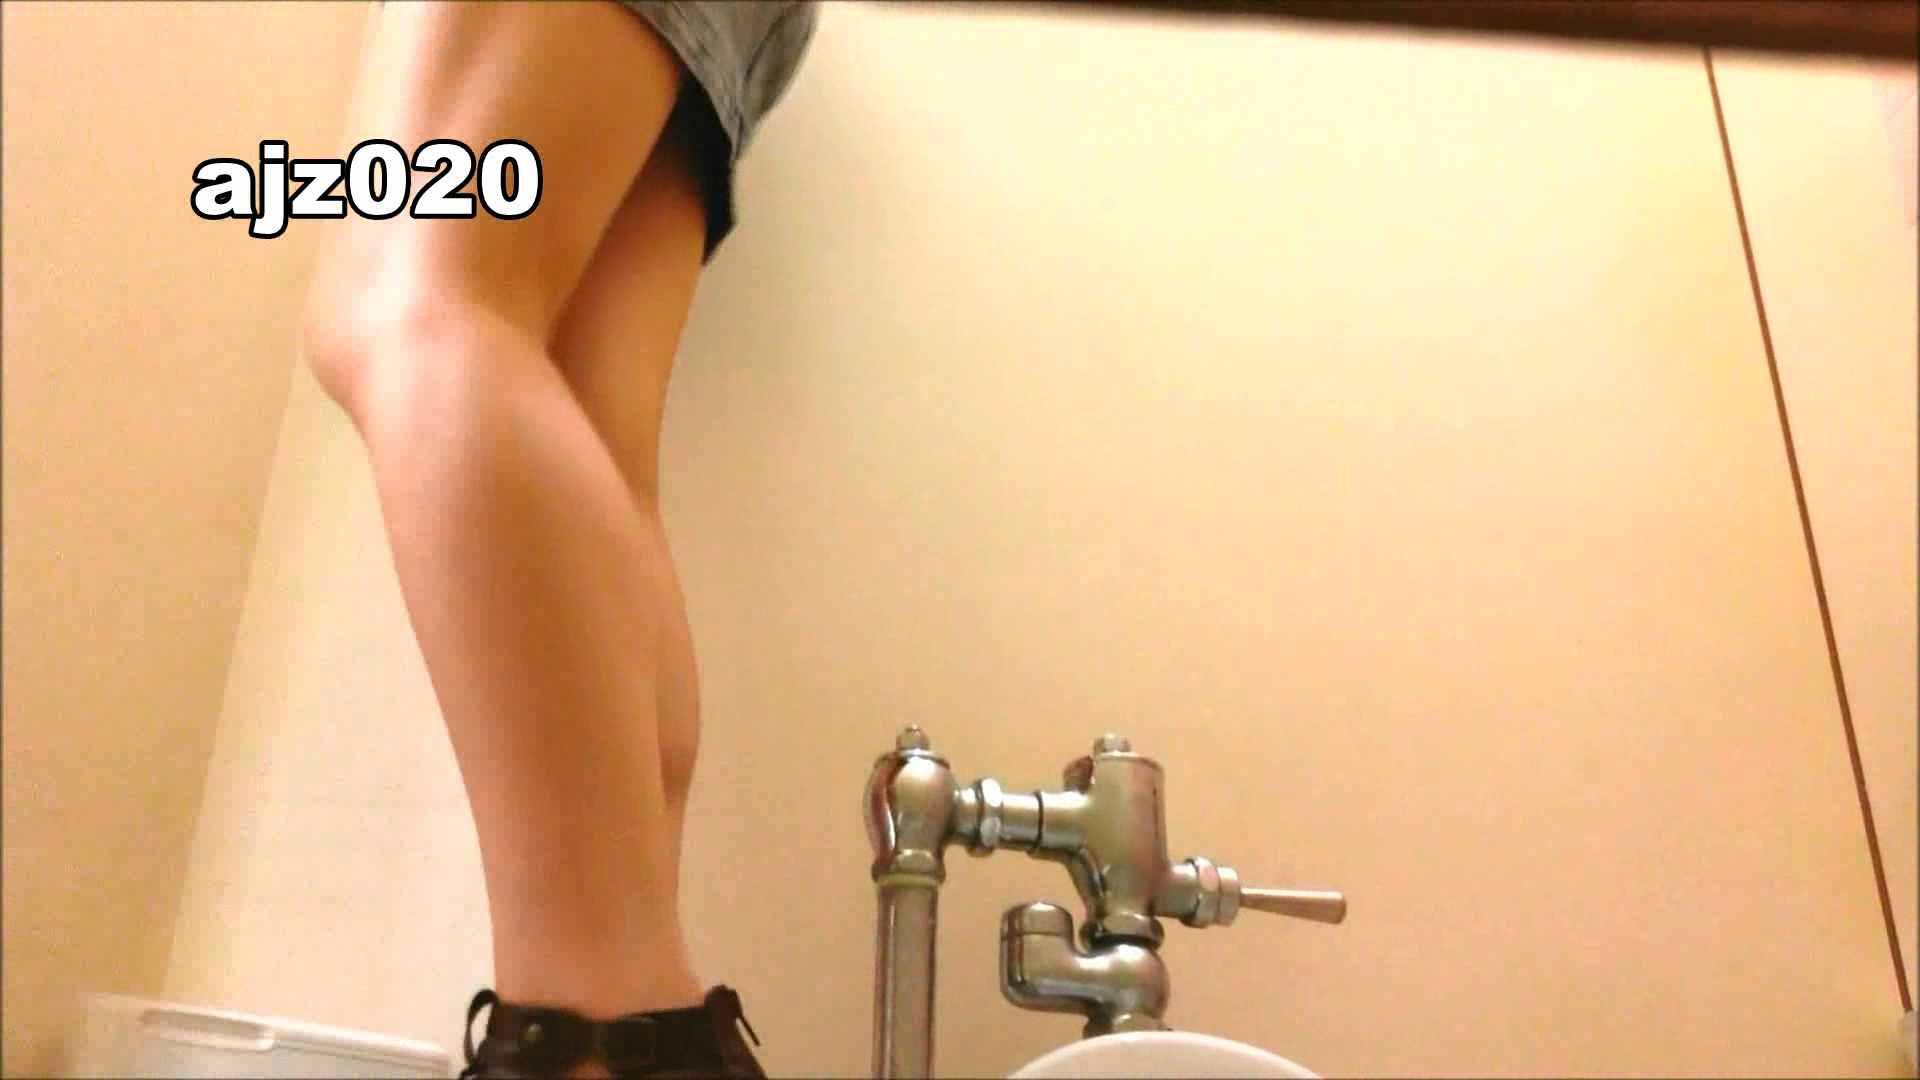 某有名大学女性洗面所 vol.20 盛合せ  101枚 24